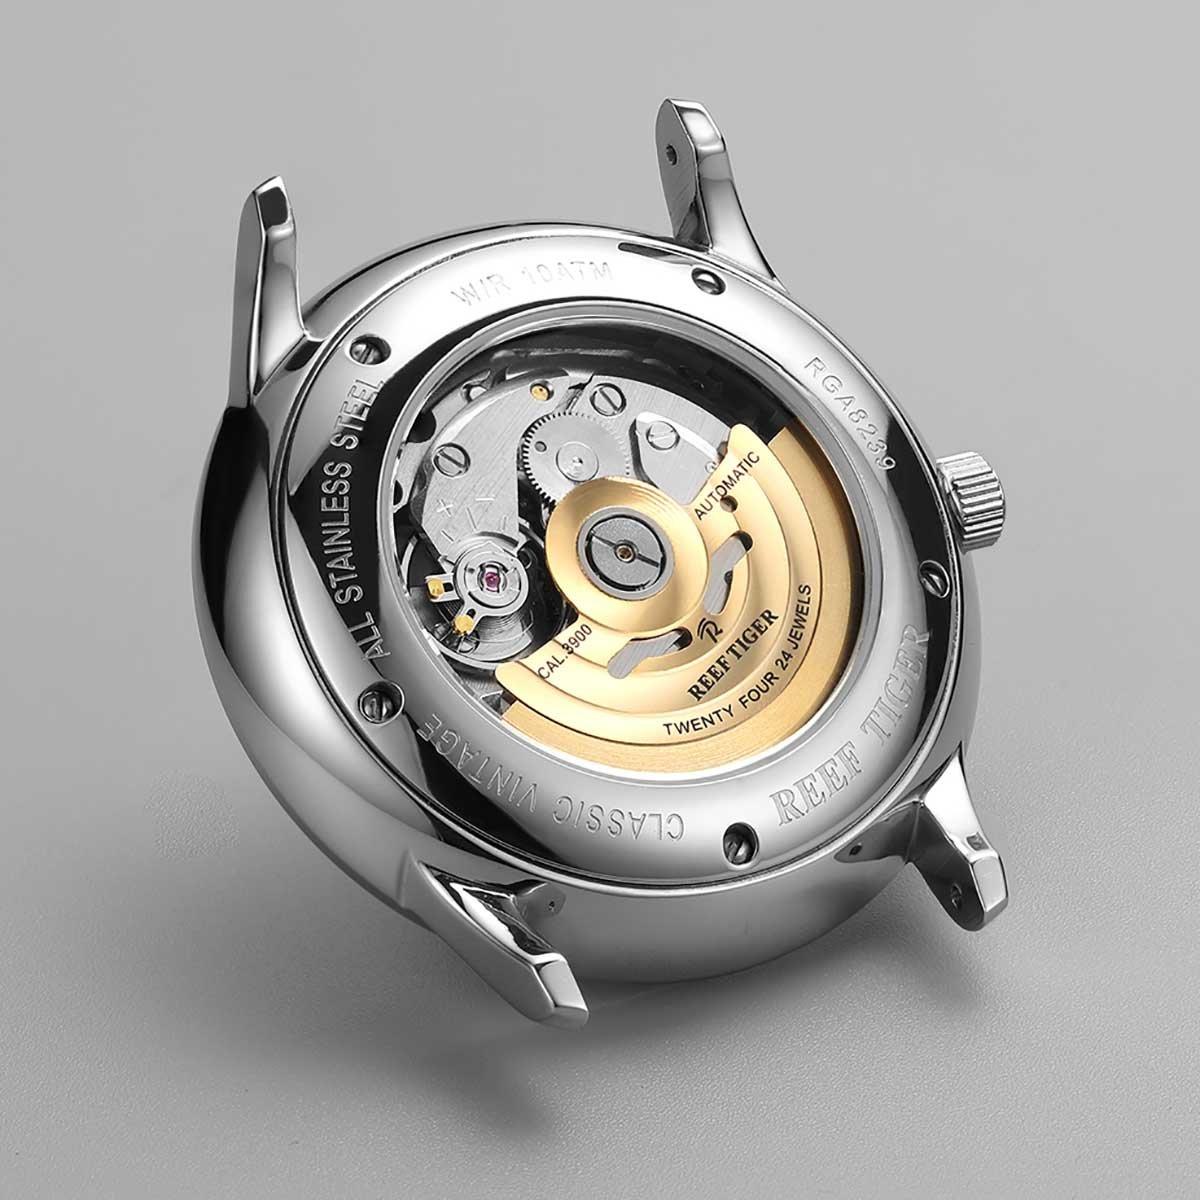 Reef tiger klänning klockor för män konvex lins glas stål automatiska klockor läderband RGA8238 Rga8238-ybbh